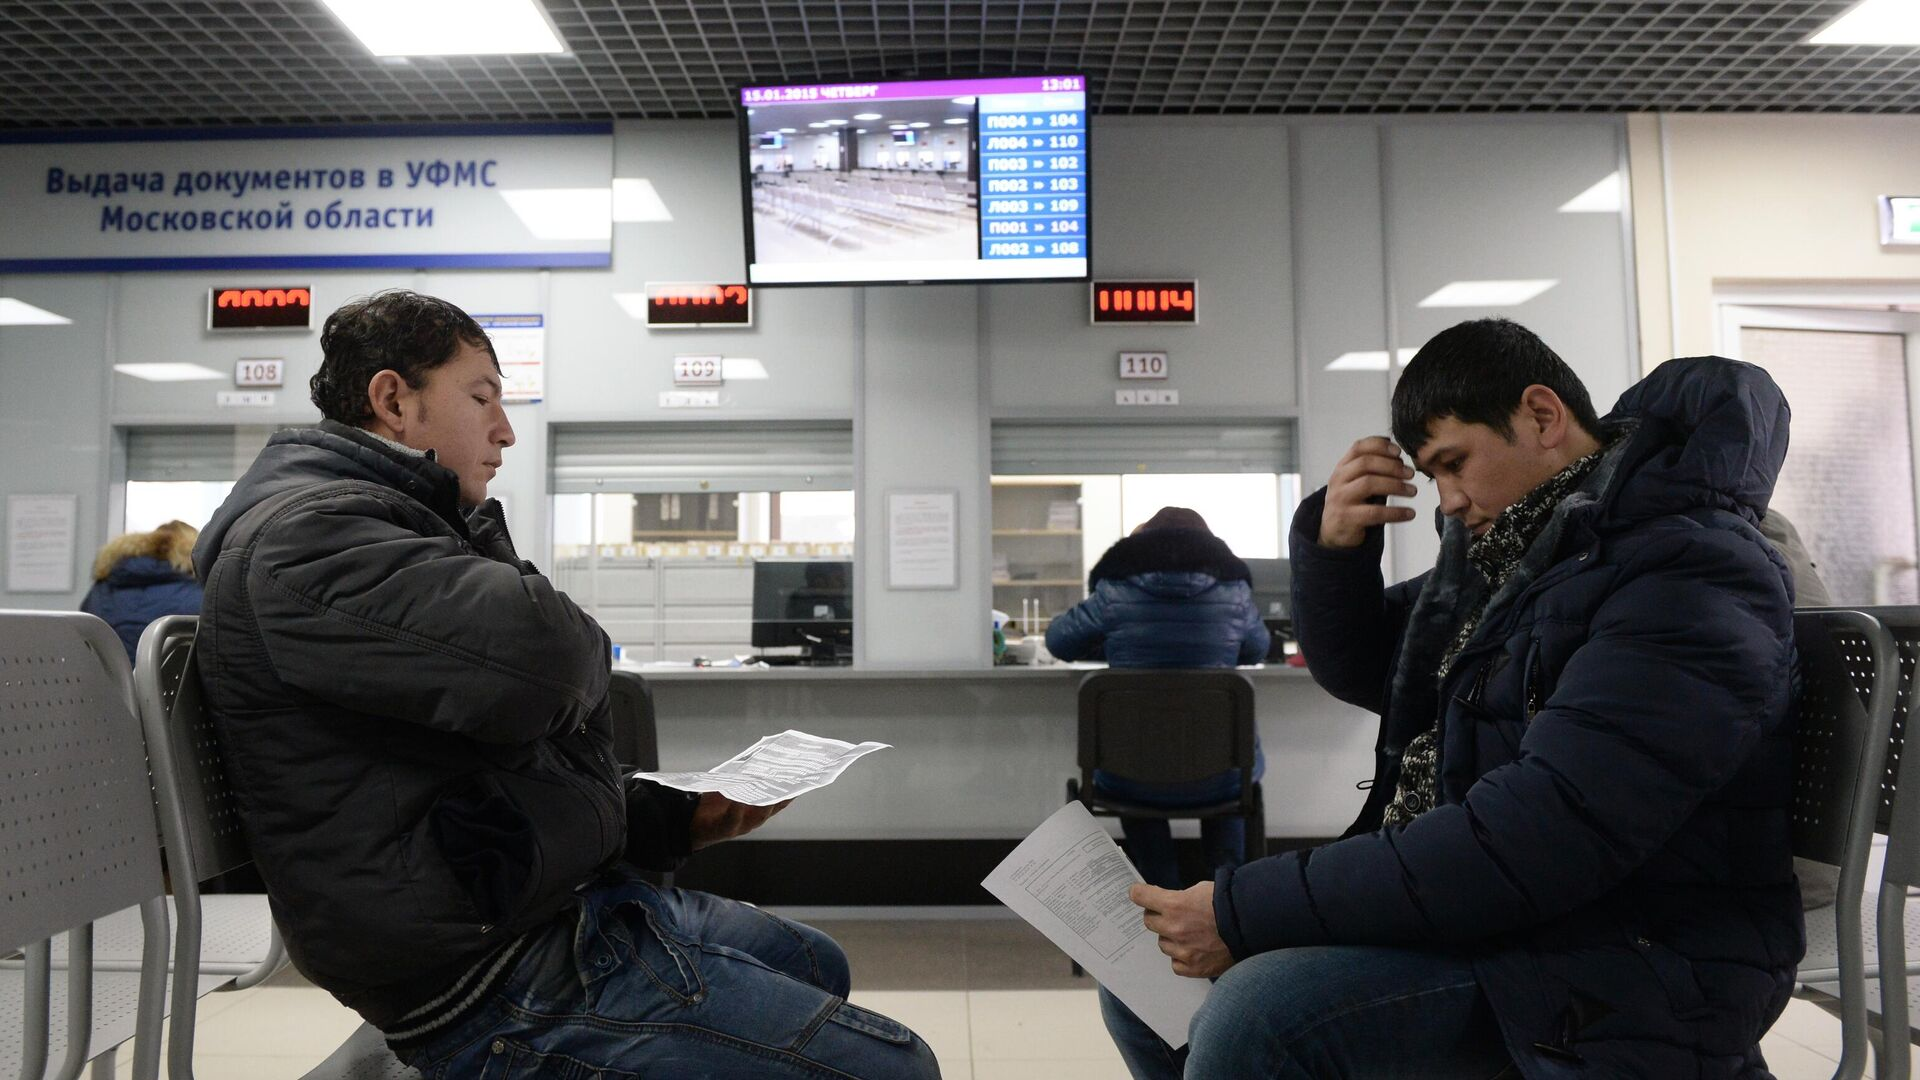 Иностранные граждане получают трудовой патент в миграционном центре - РИА Новости, 1920, 10.09.2020